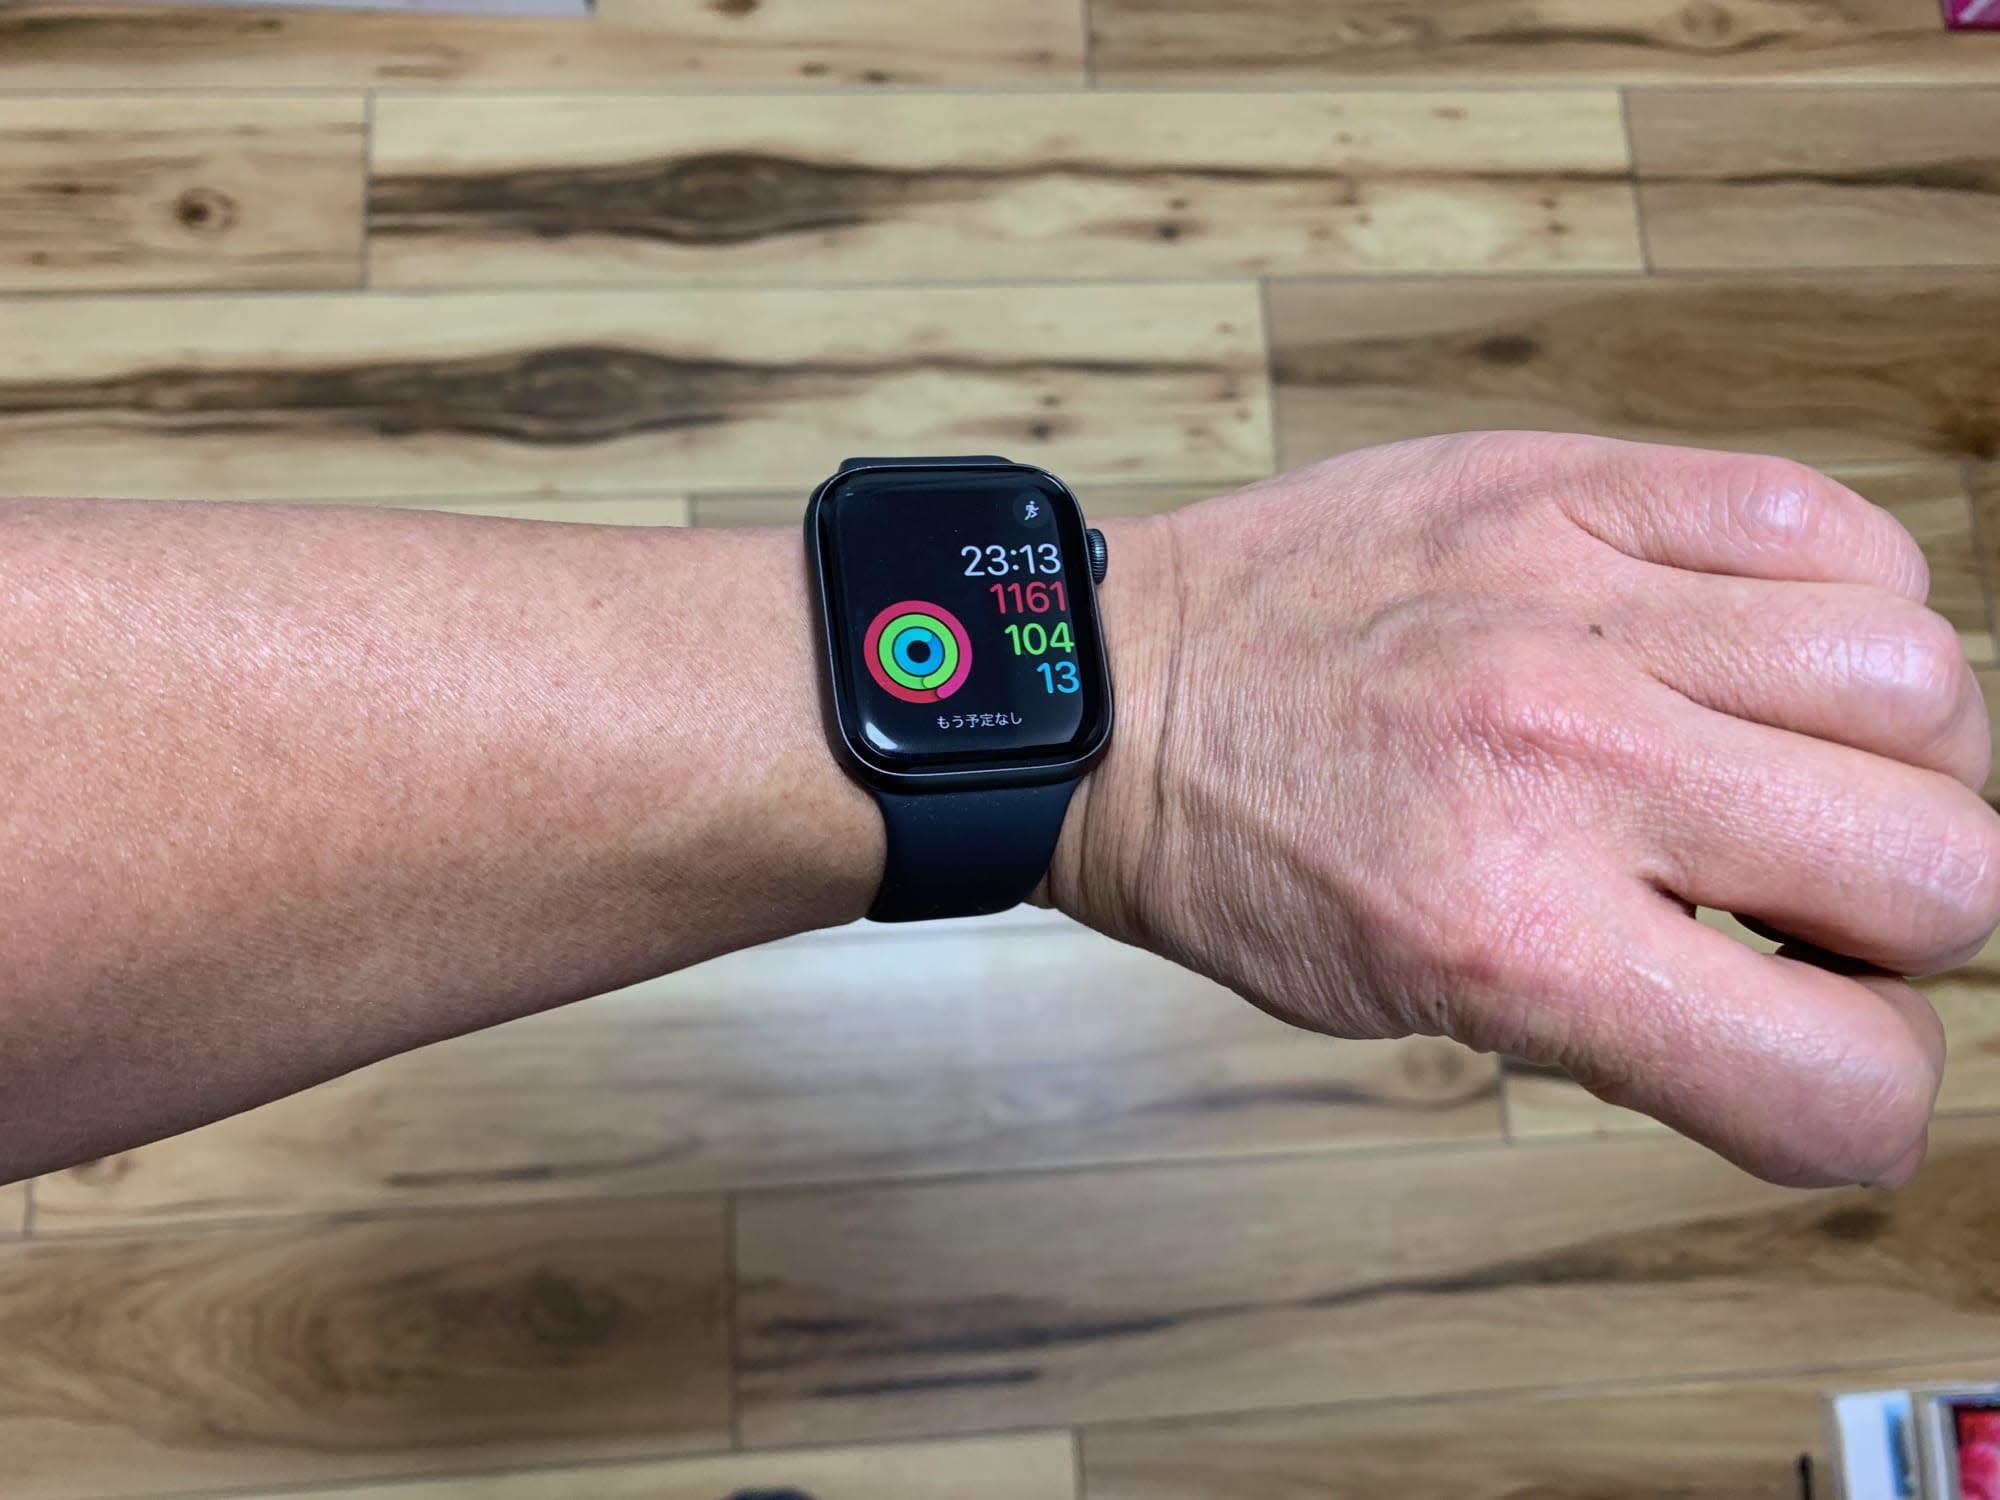 Apple Watch Series 5は最強の水泳パートナーだ:ベストバイ2019